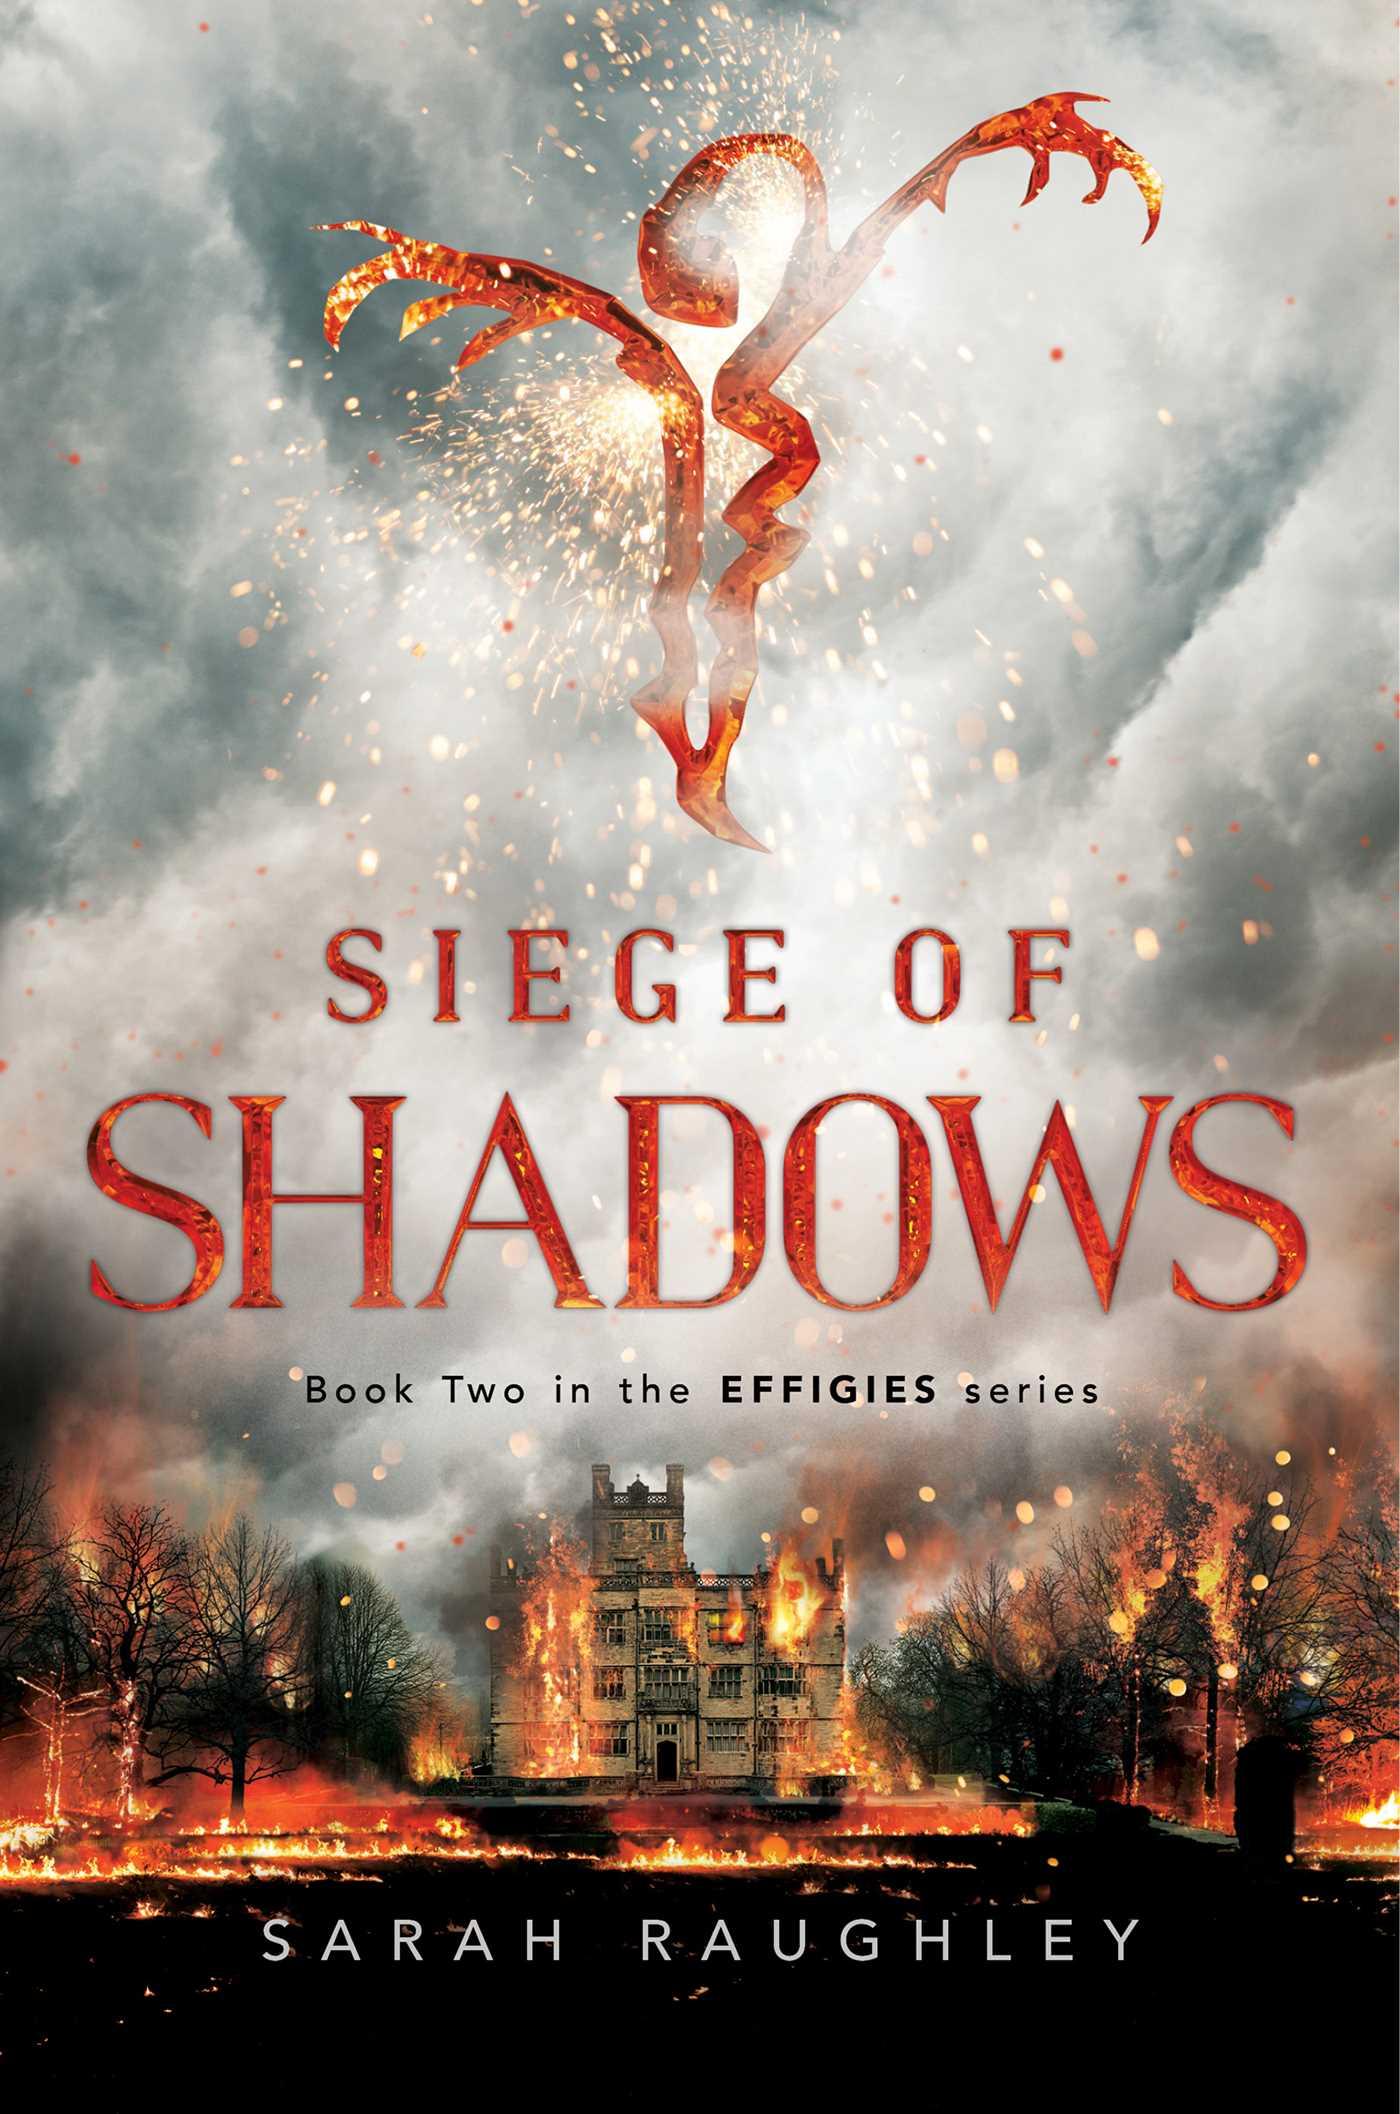 Siege of shadows 9781481466820 hr